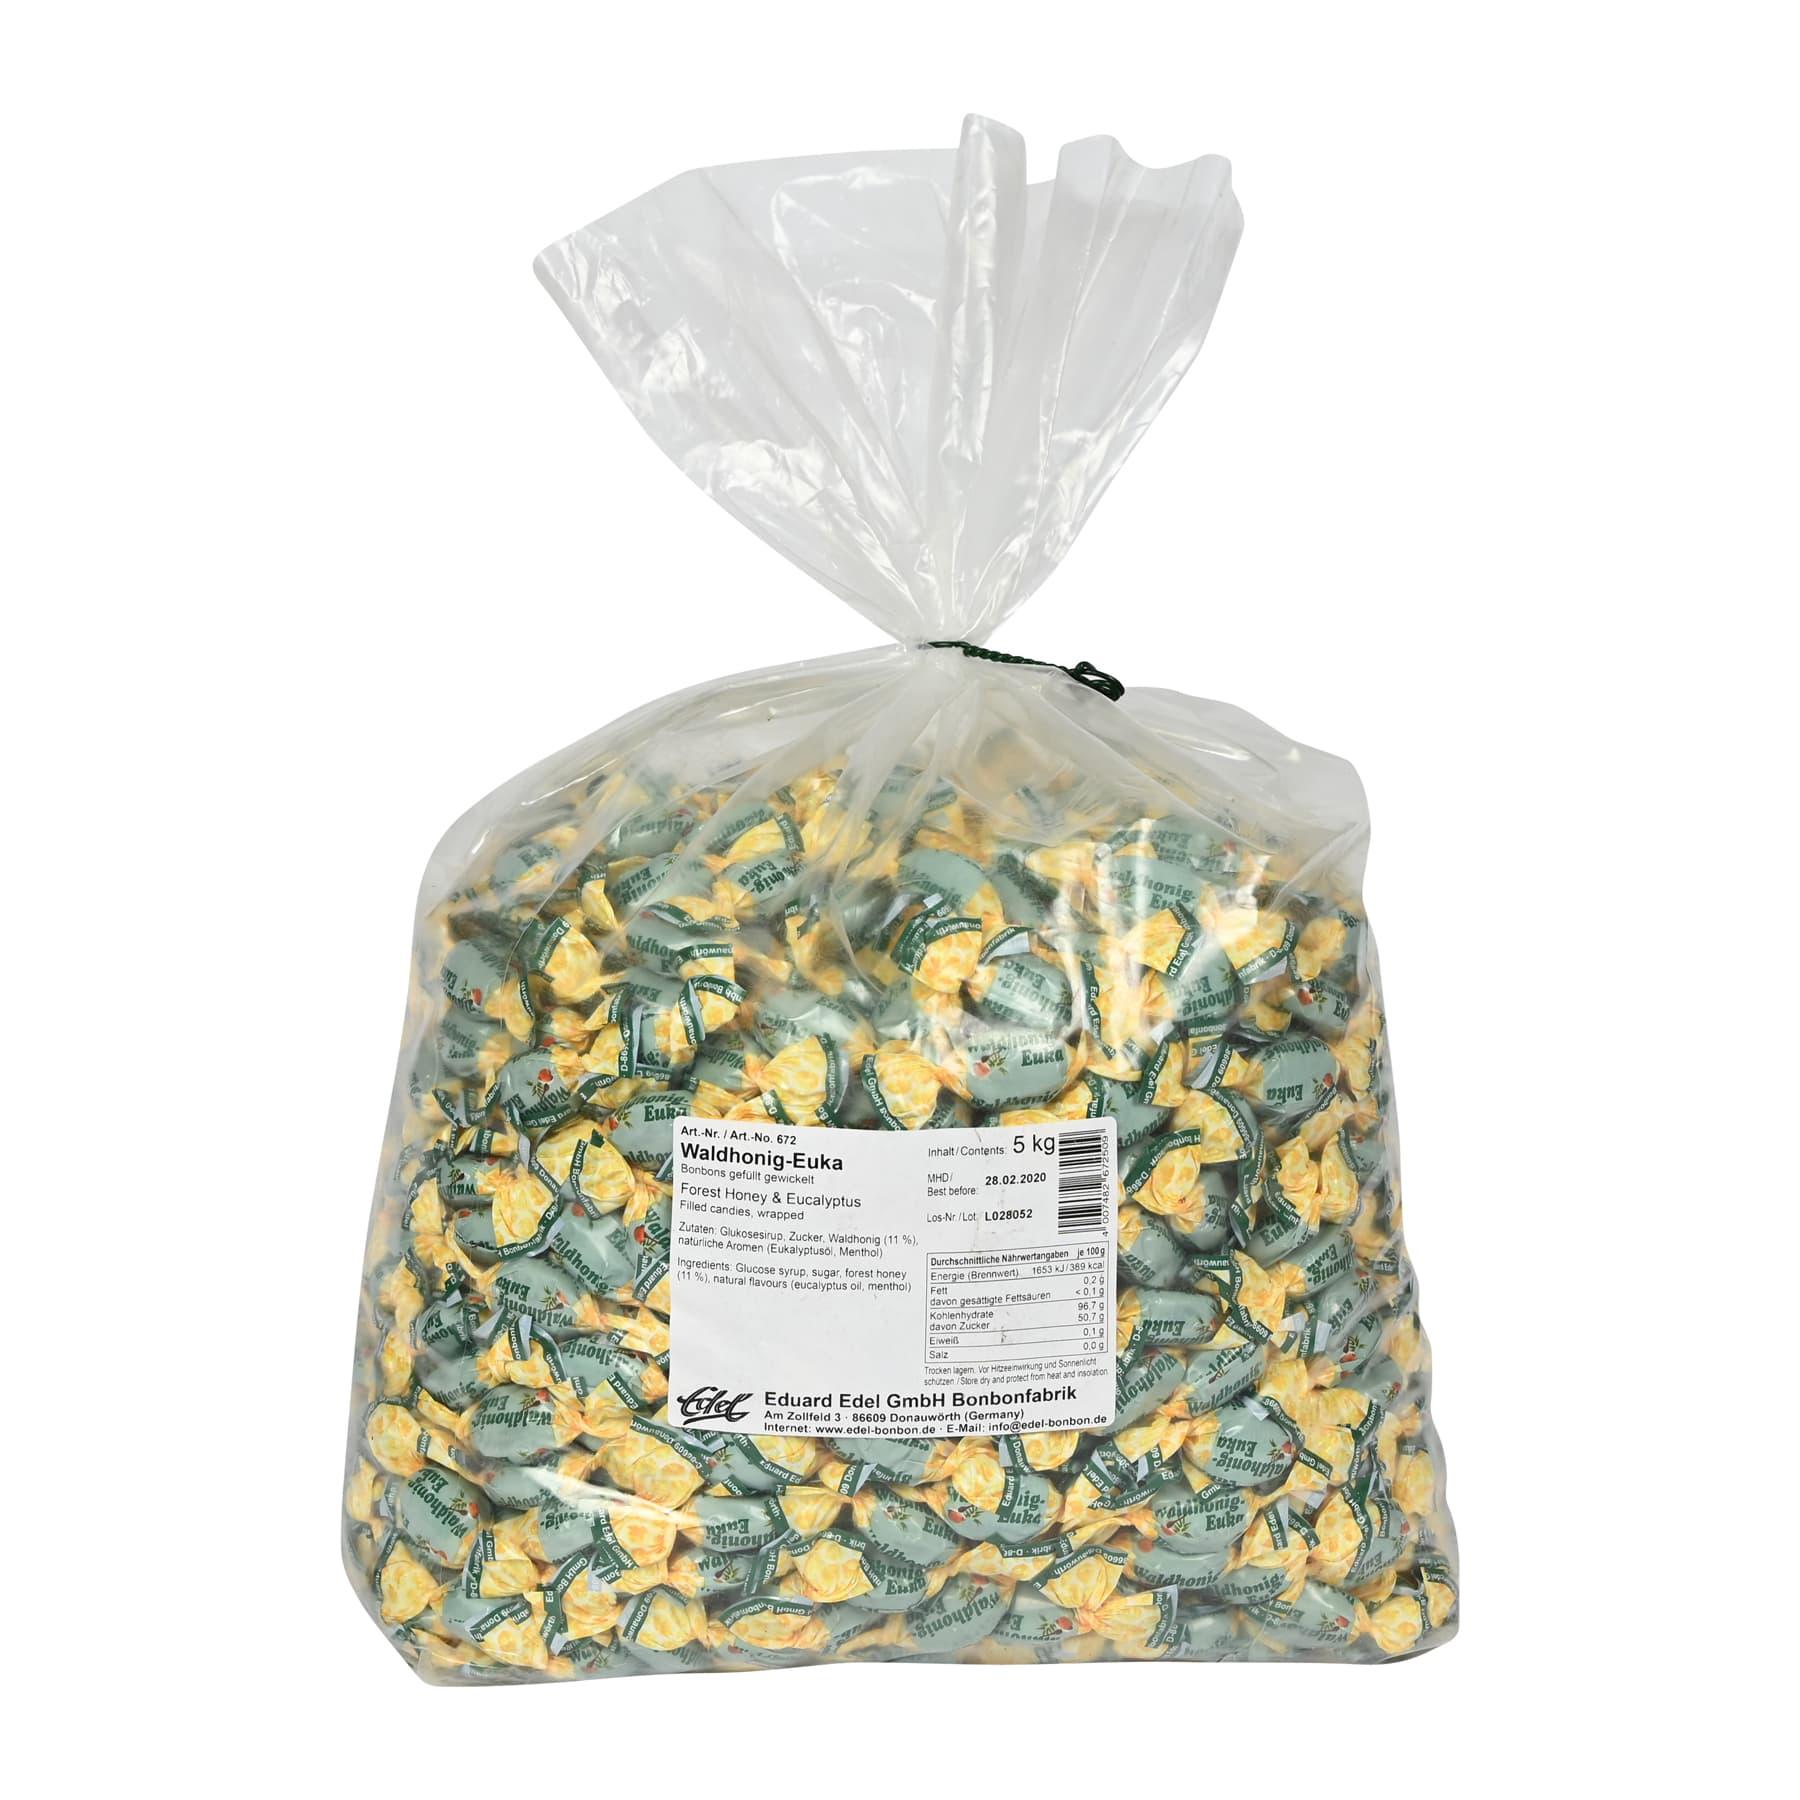 """Honigbonbon """"Waldhonig Euka"""" gefüllt, im 5 kg Beutel"""